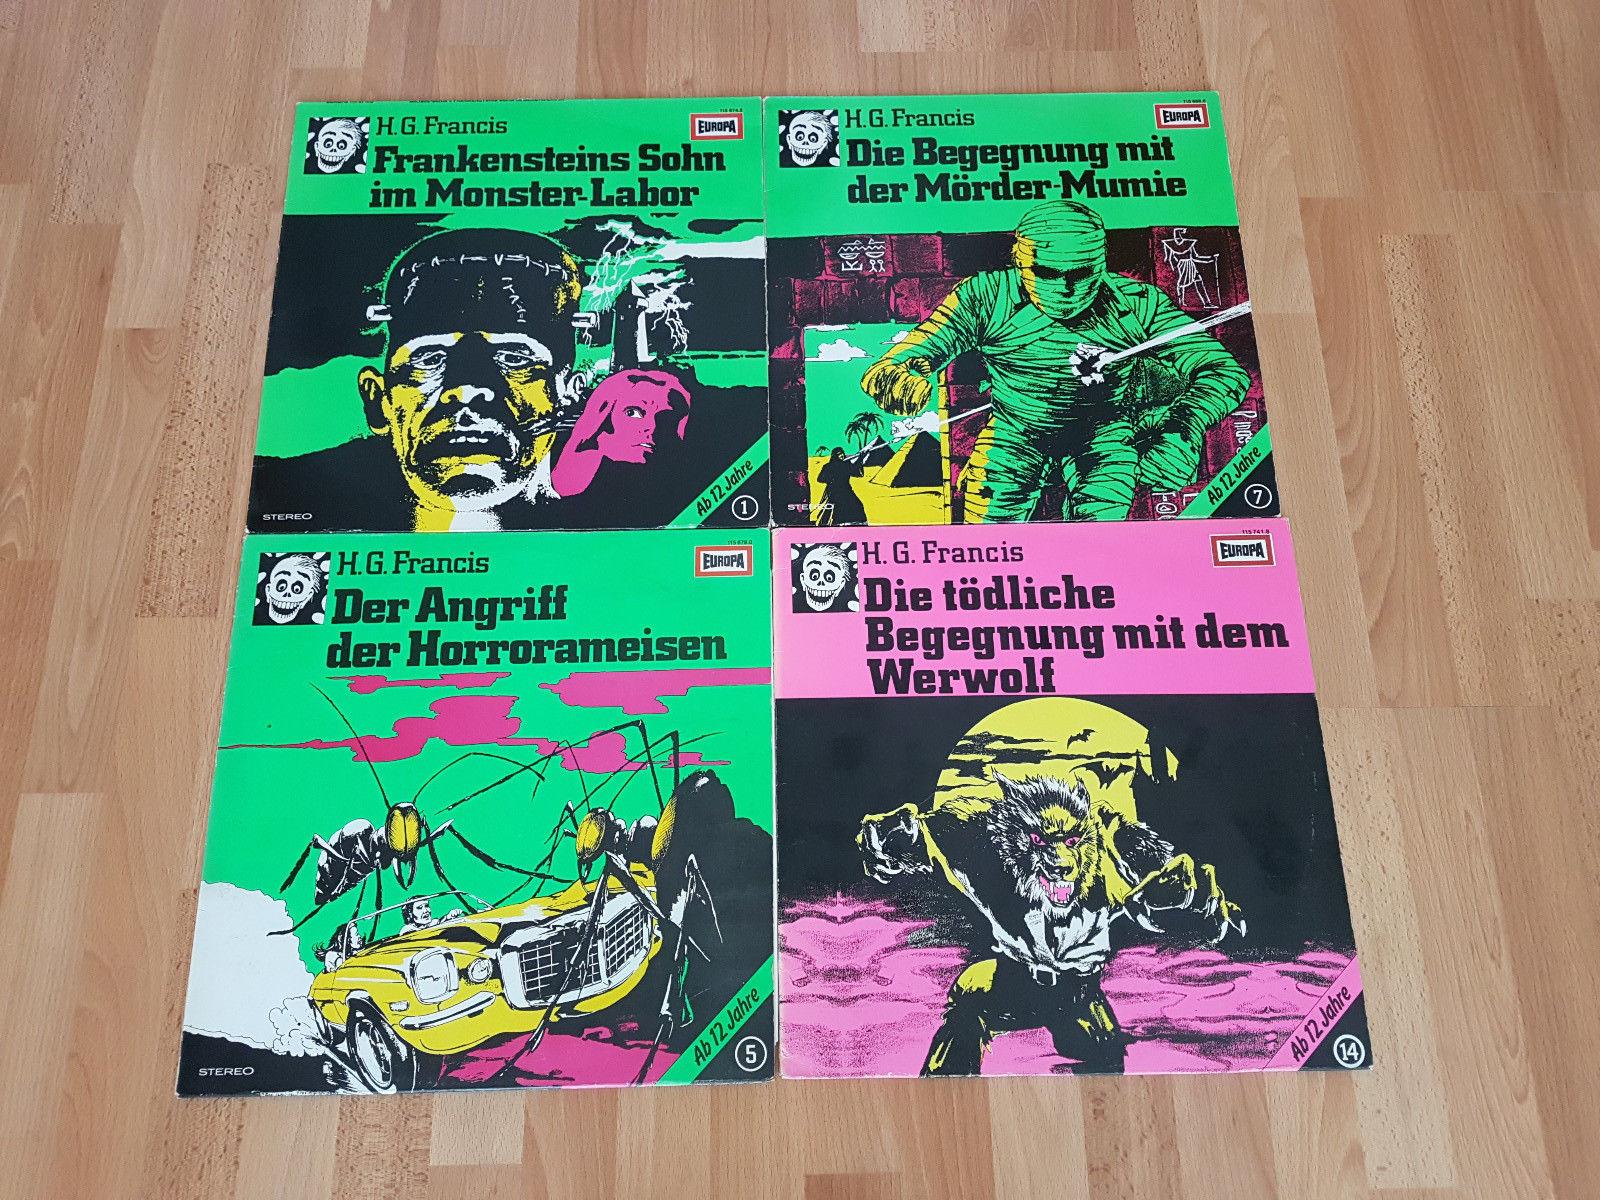 H.G. Francis Hörspiele 4x Vinyl/LP/Schallplatten Europa - Folgen 1, 5, 7 und 14